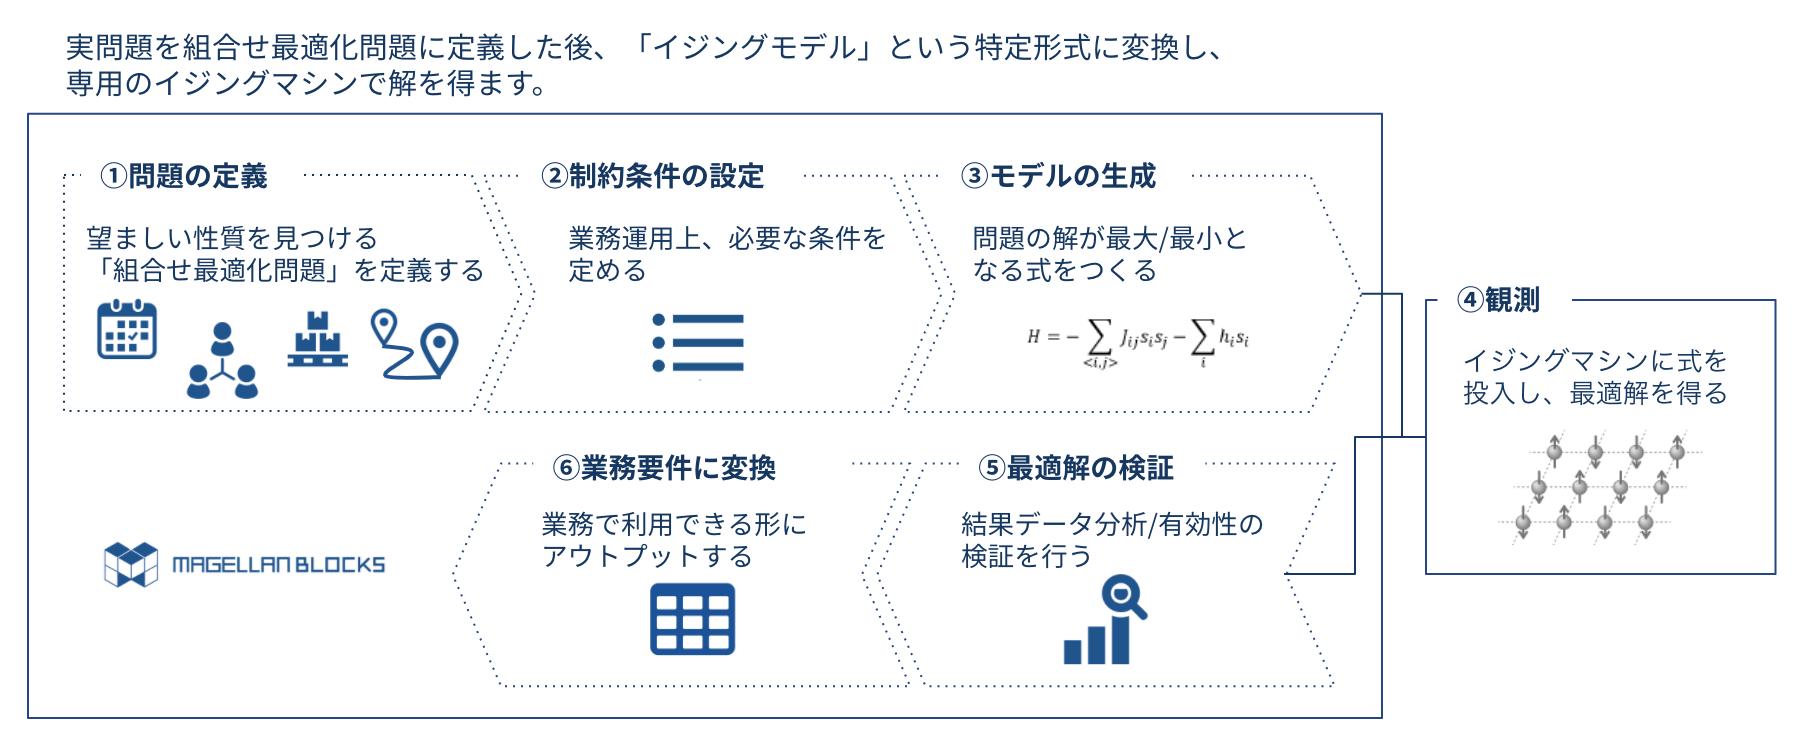 実問題を組合せ最適化問題に定義した後、「イジングモデル」という特定形式に変換し、専用のイジングマシンで解を得ます。